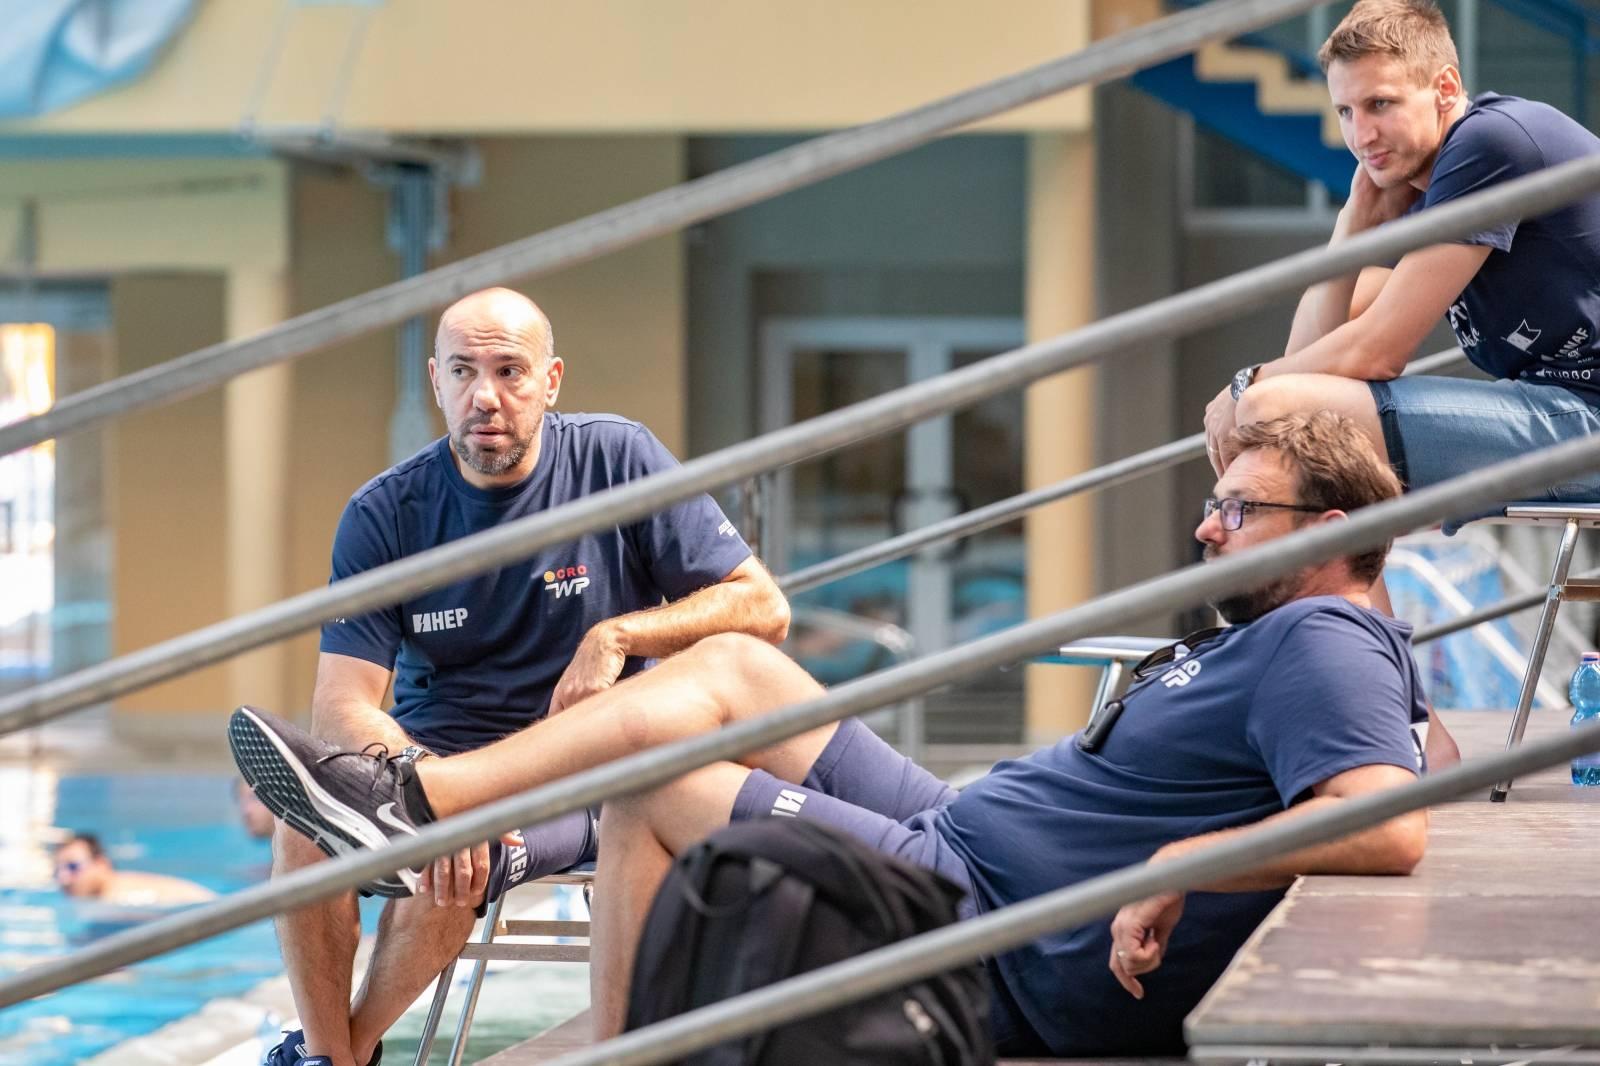 Trening hrvatske vaterpolo reprezentacije u Dubrovniku